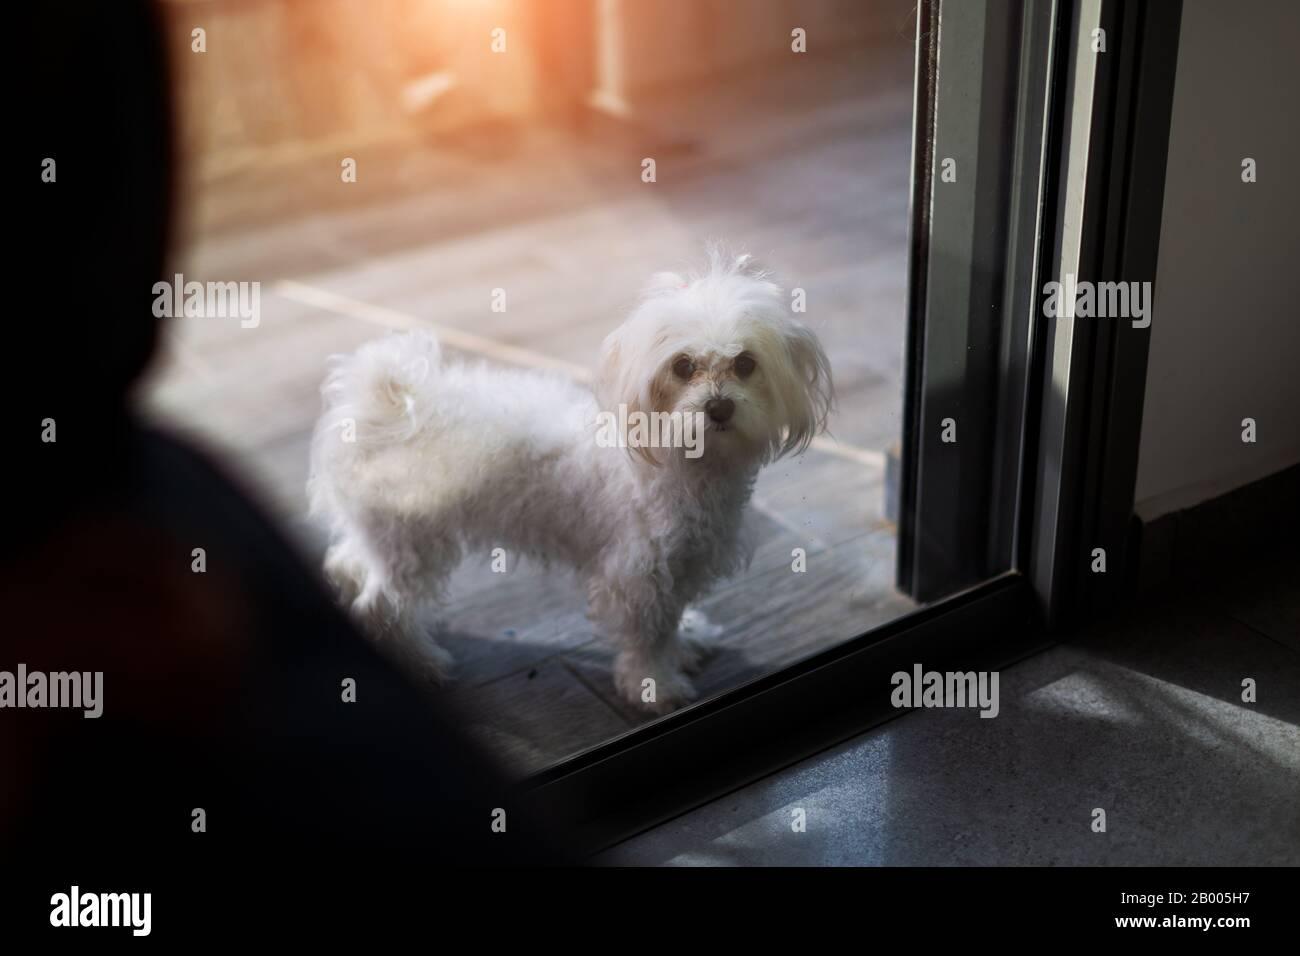 Lindo perro blanco de raza maltesa cerrado en el balcón, esperando a que su propietario se presente a casa. Foto de stock